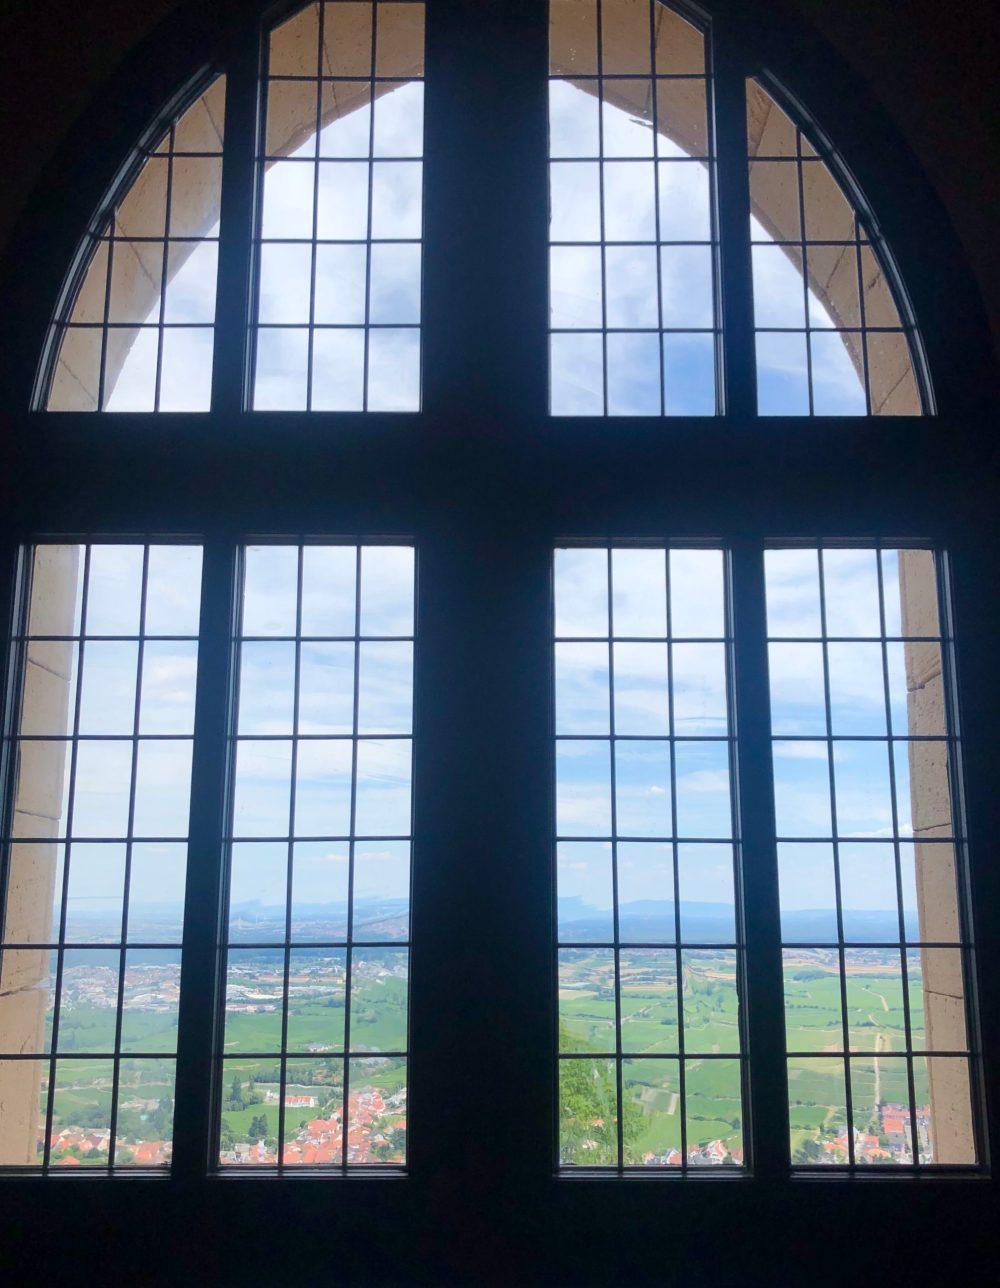 Blick durch das Fenster des Schlosses